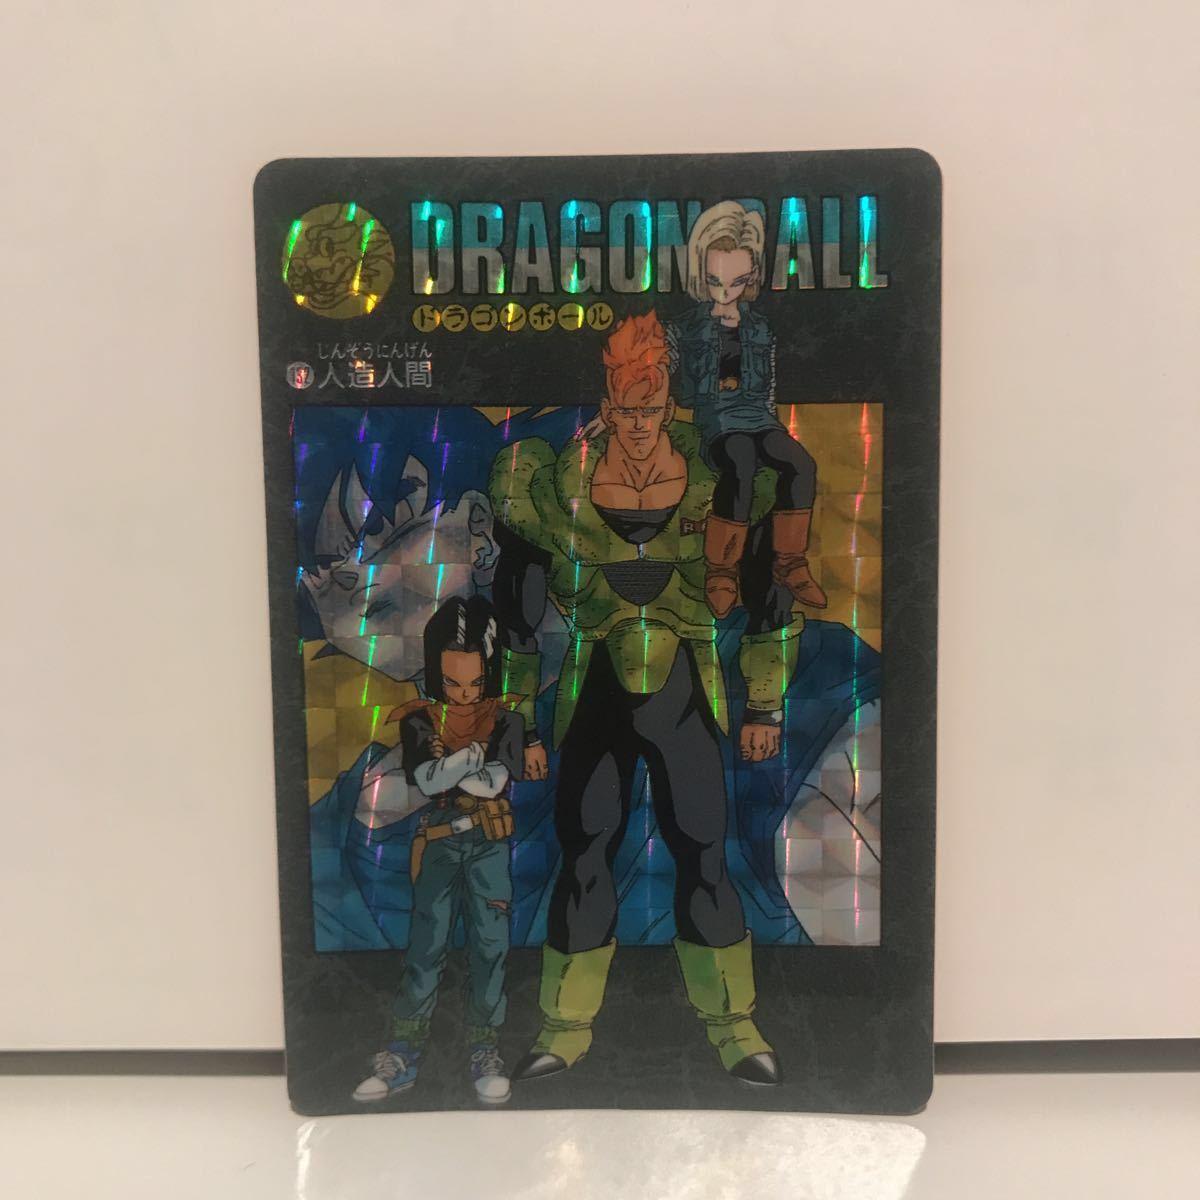 ドラゴンボール カードダス ビジュアルアドベンチャー No.132 人造人間 1992年